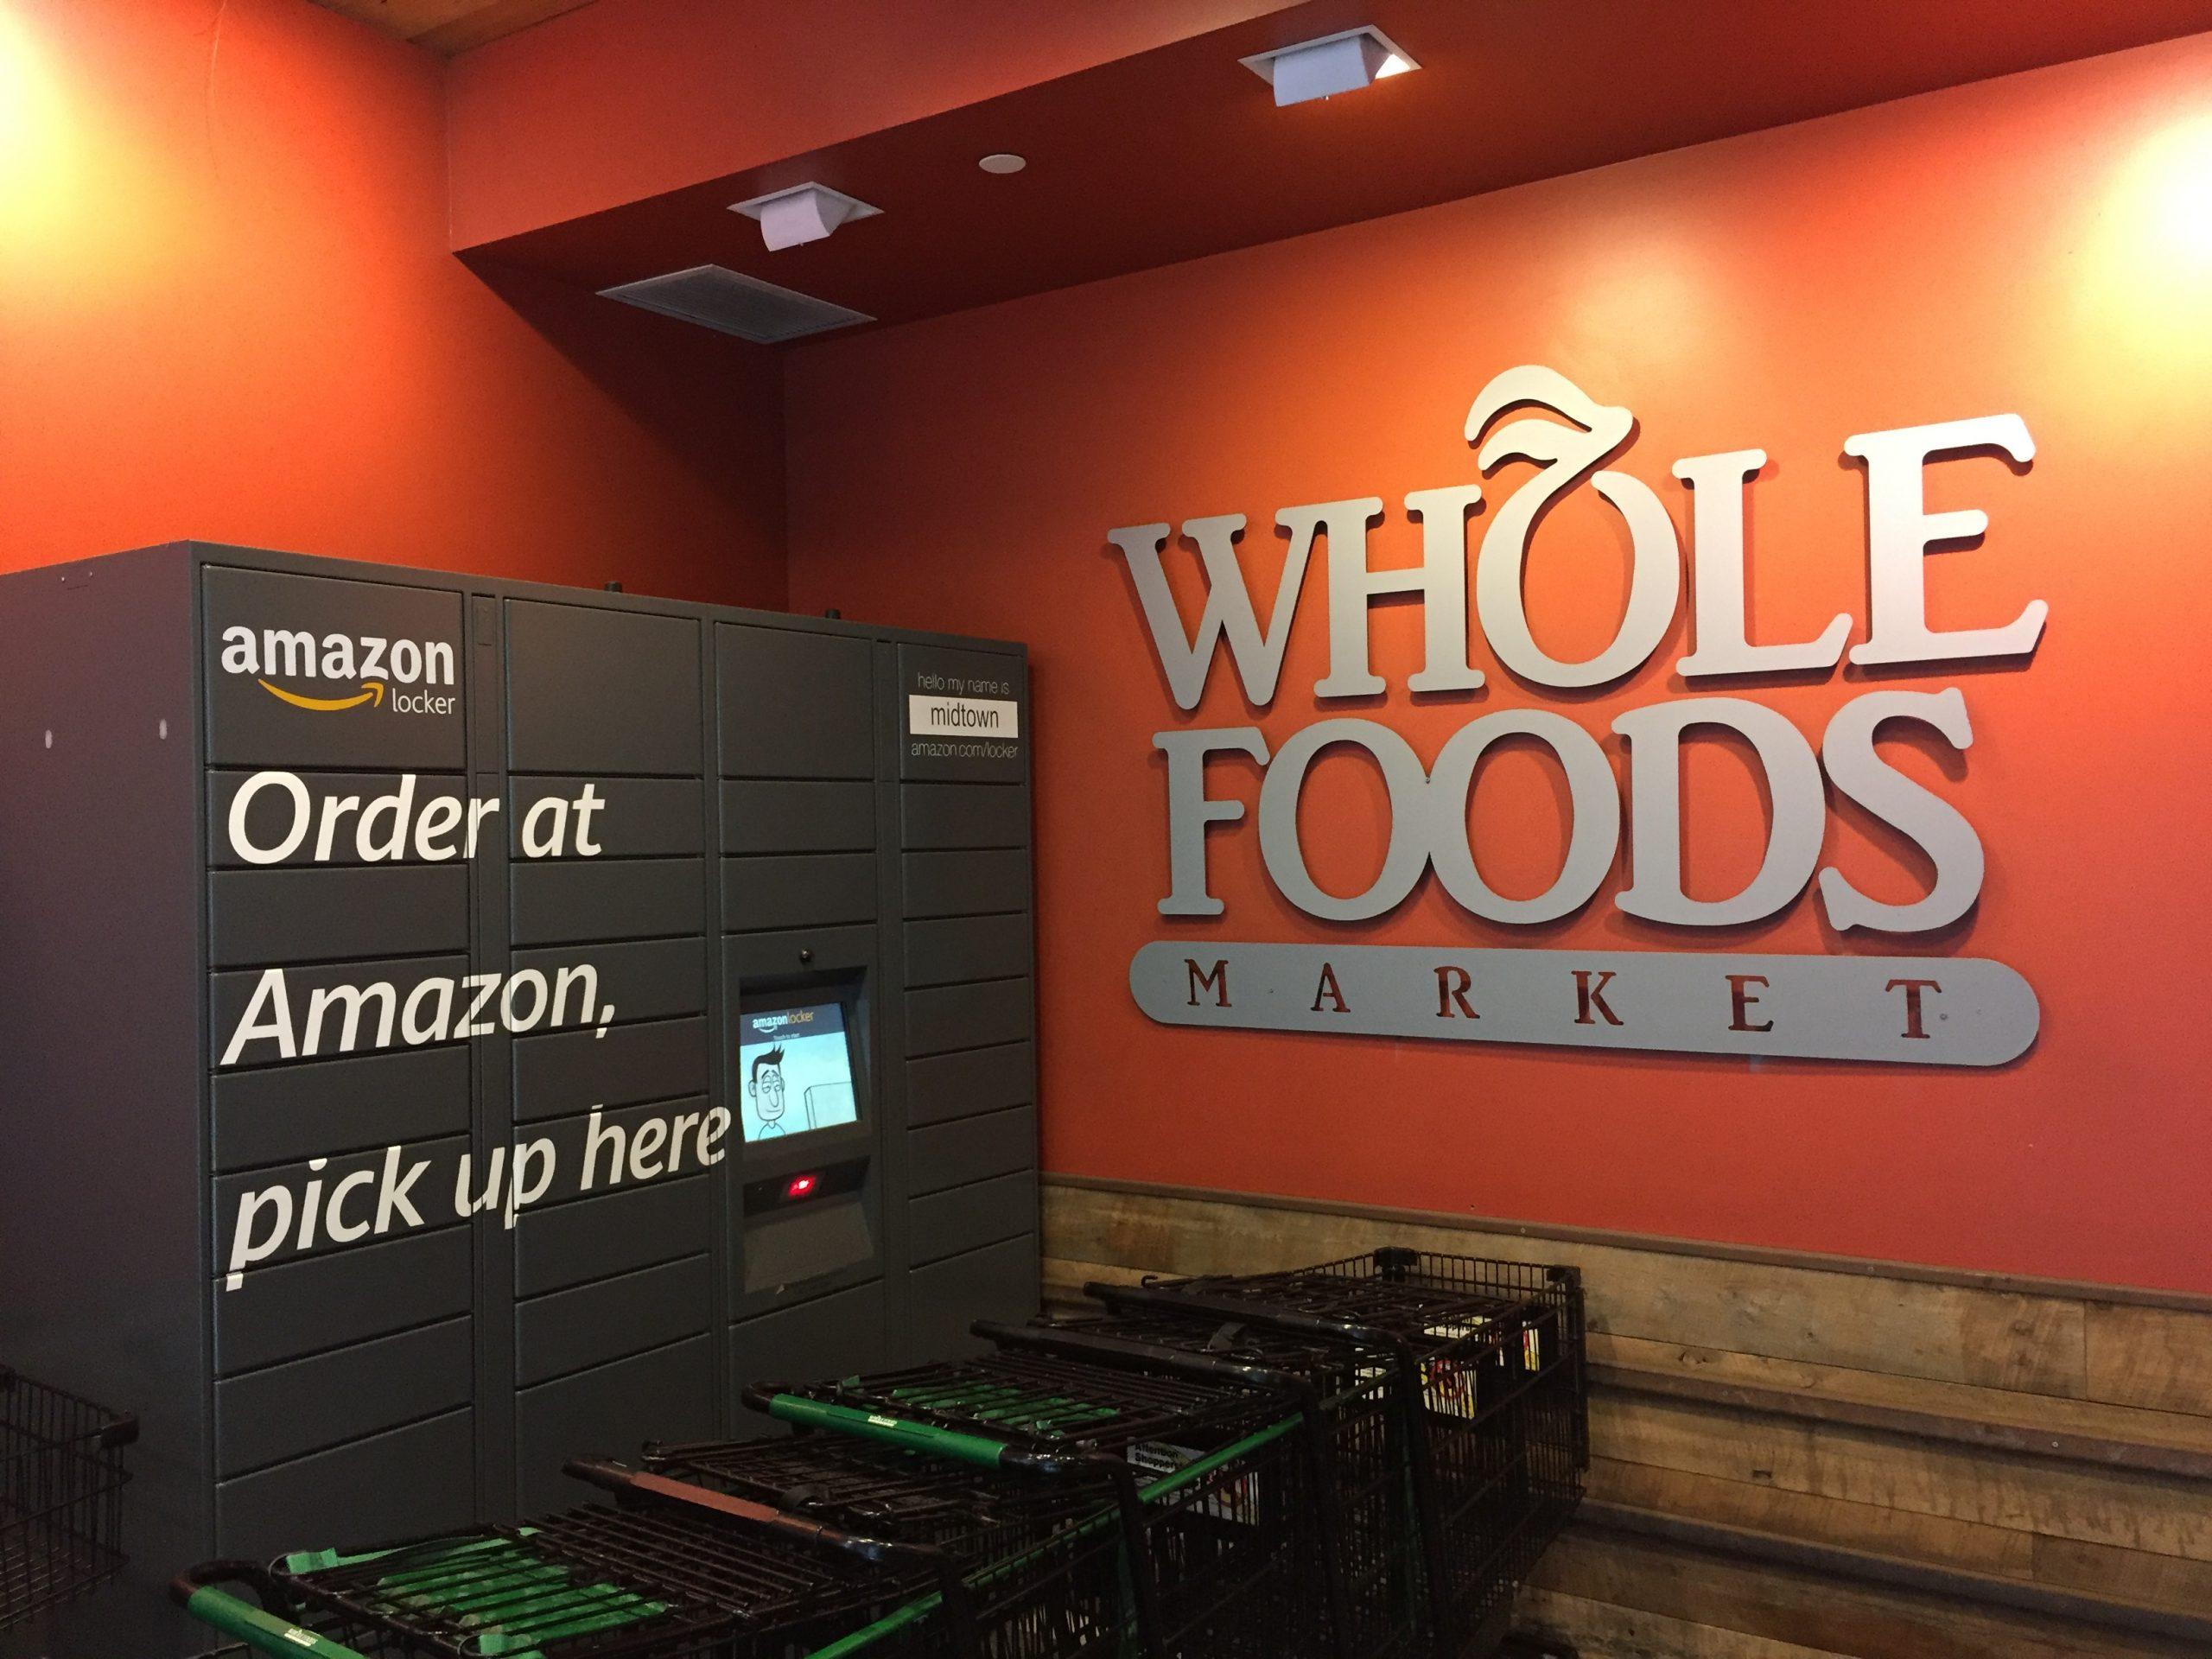 whole_foods_amazon